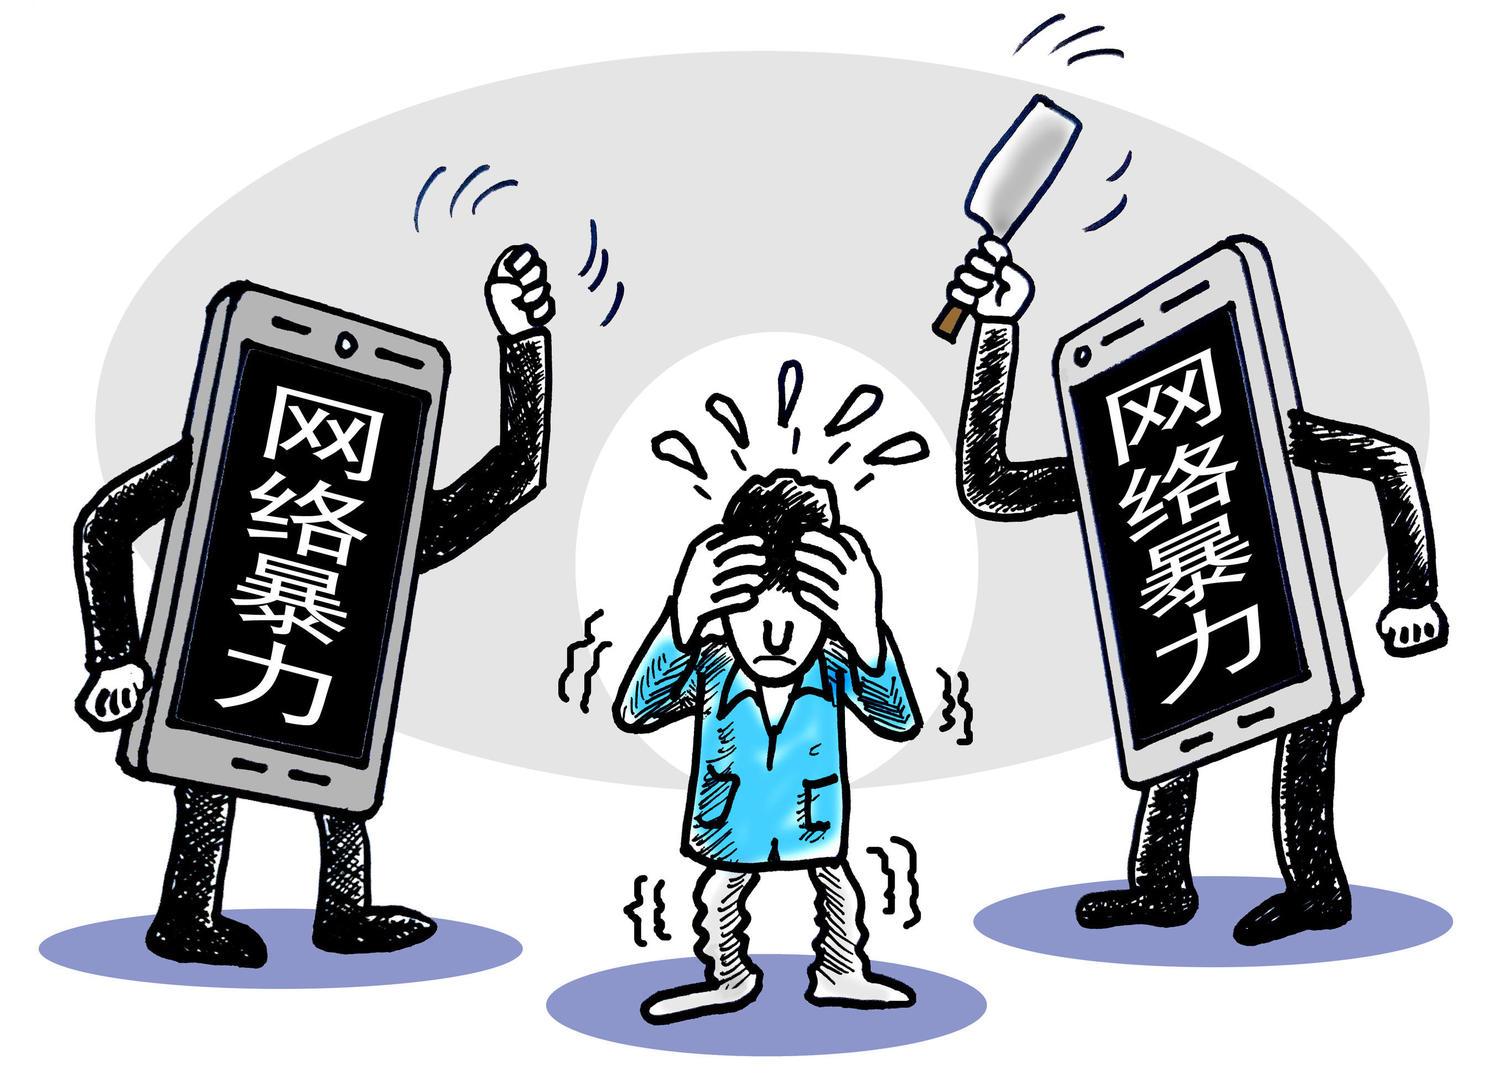 百事2平台,建明建议制定反网络百事2平台暴力法图片